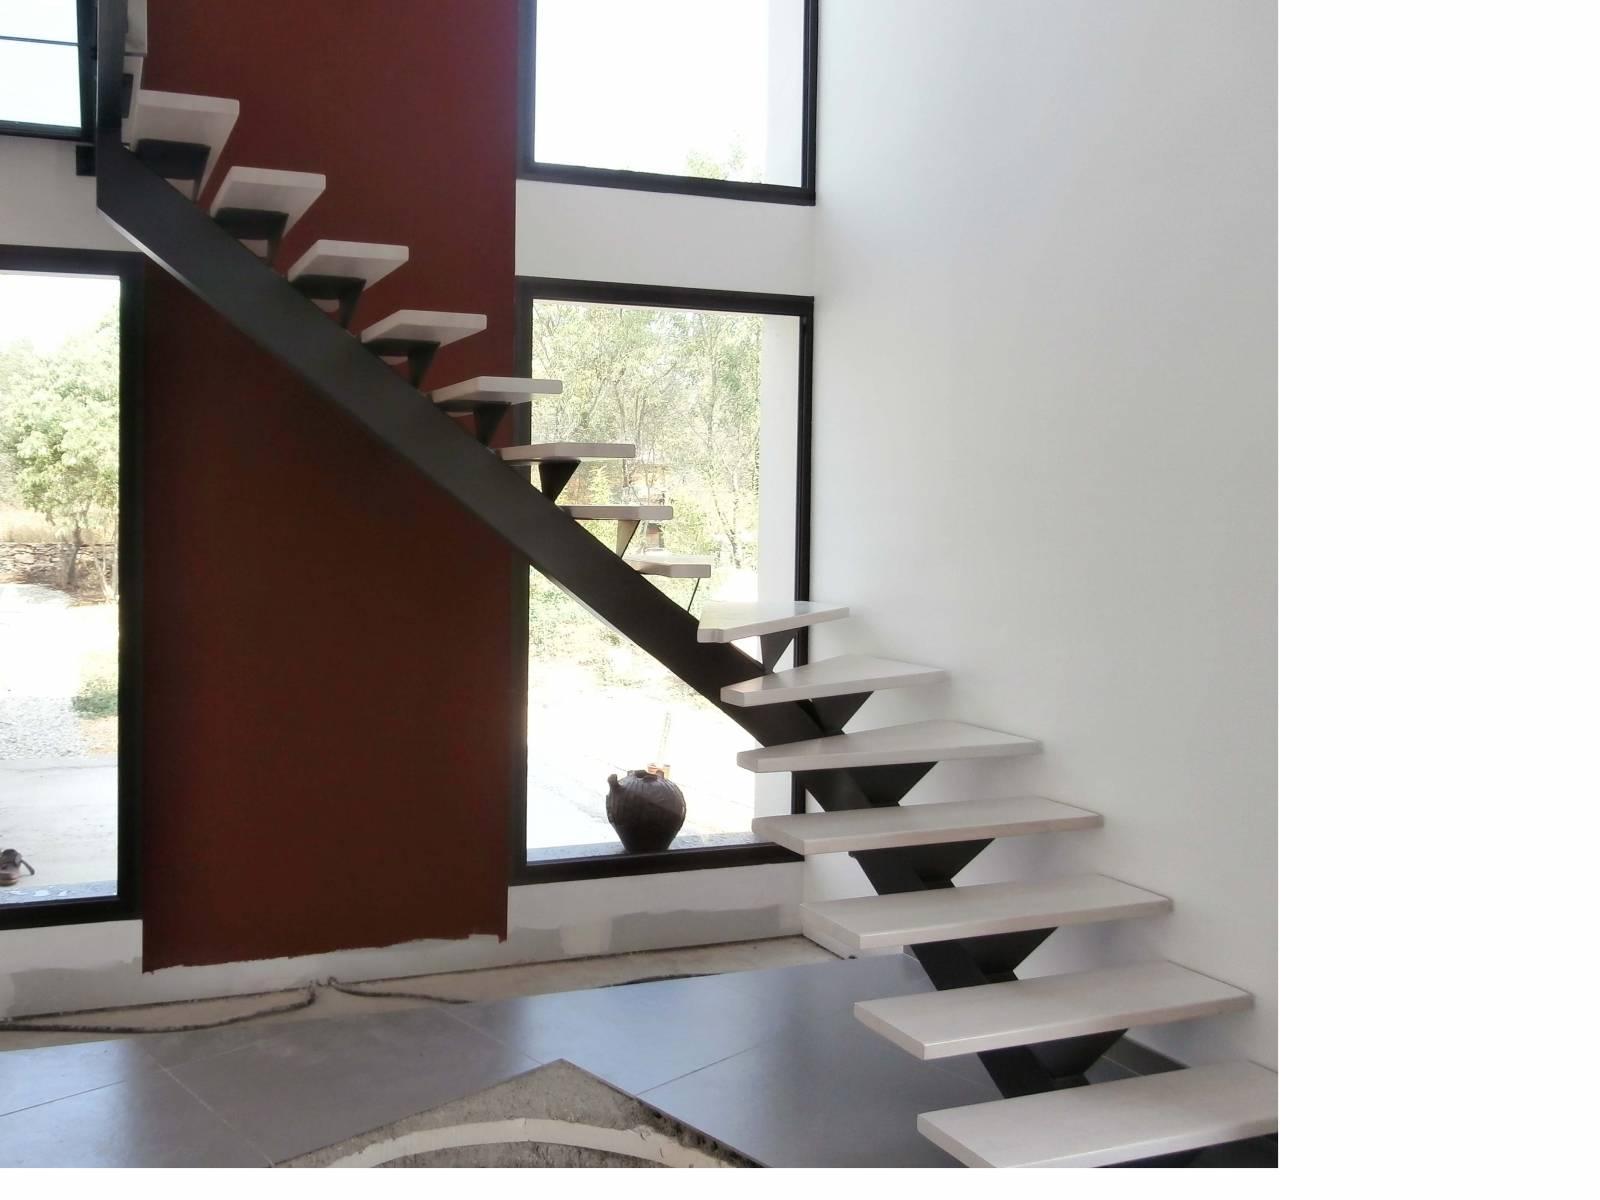 escalier 1 4 tournant limon central m tallique atelier des escaliers aubaret. Black Bedroom Furniture Sets. Home Design Ideas